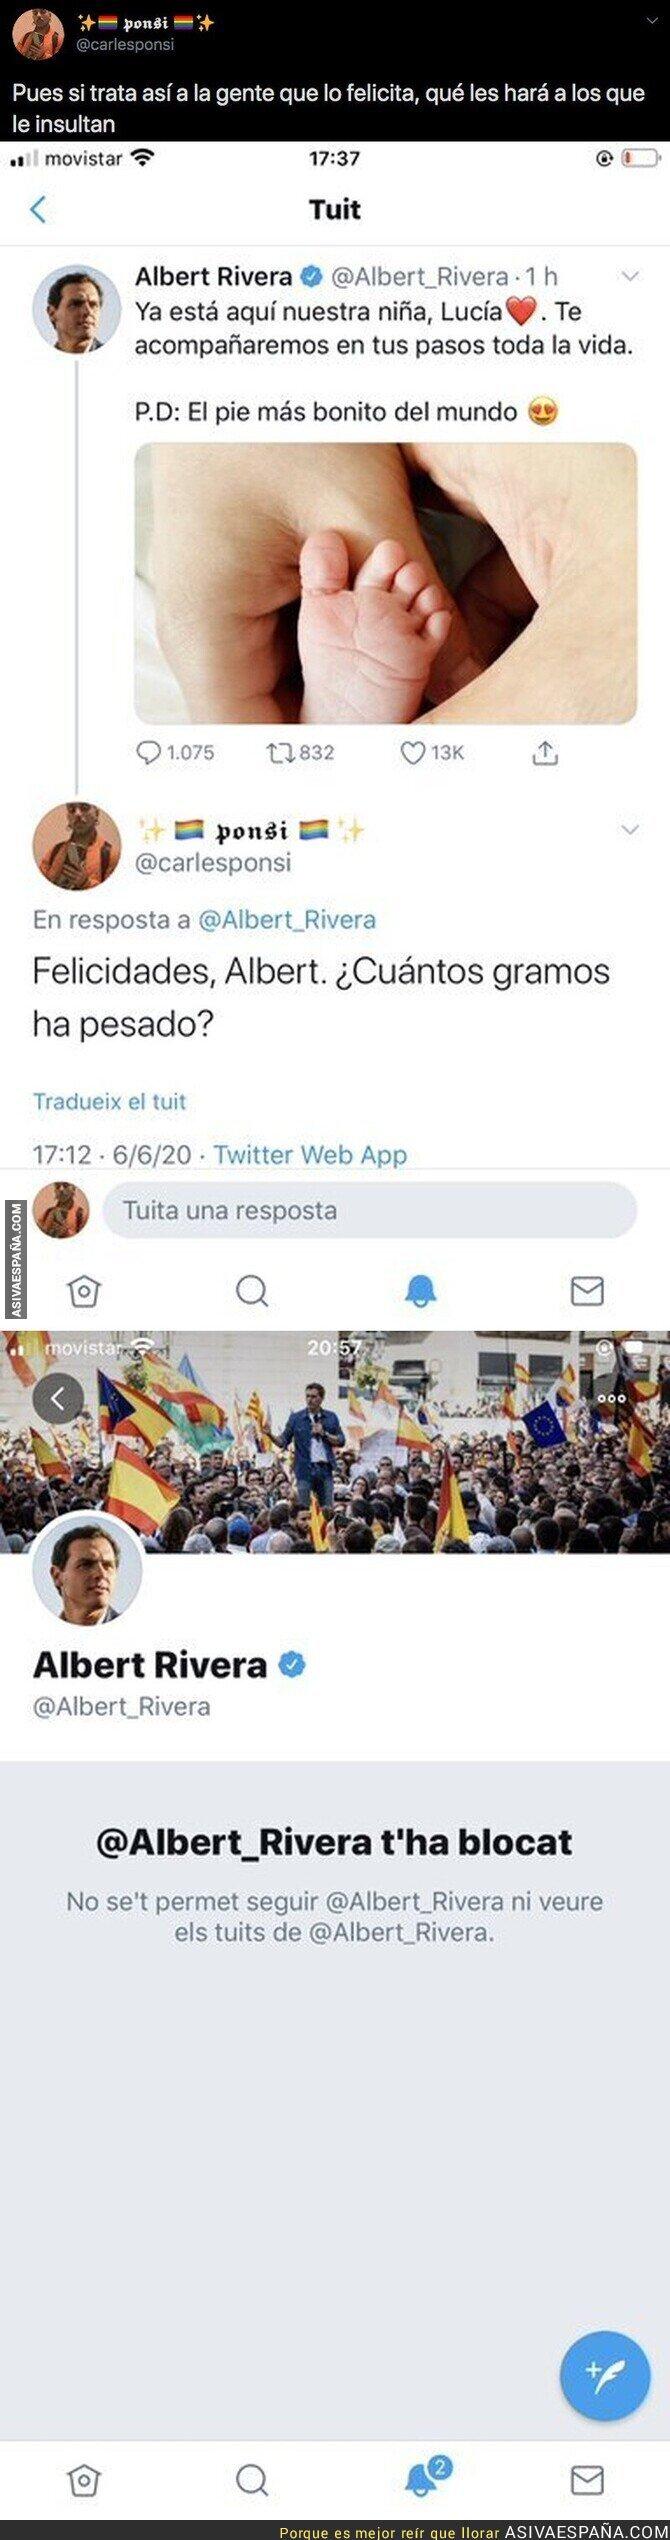 212189 - Albert Rivera anuncia el nacimiento de su hija y recibe una respuesta apoteósica por la que termina bloqueando al que se la hace por Twitter